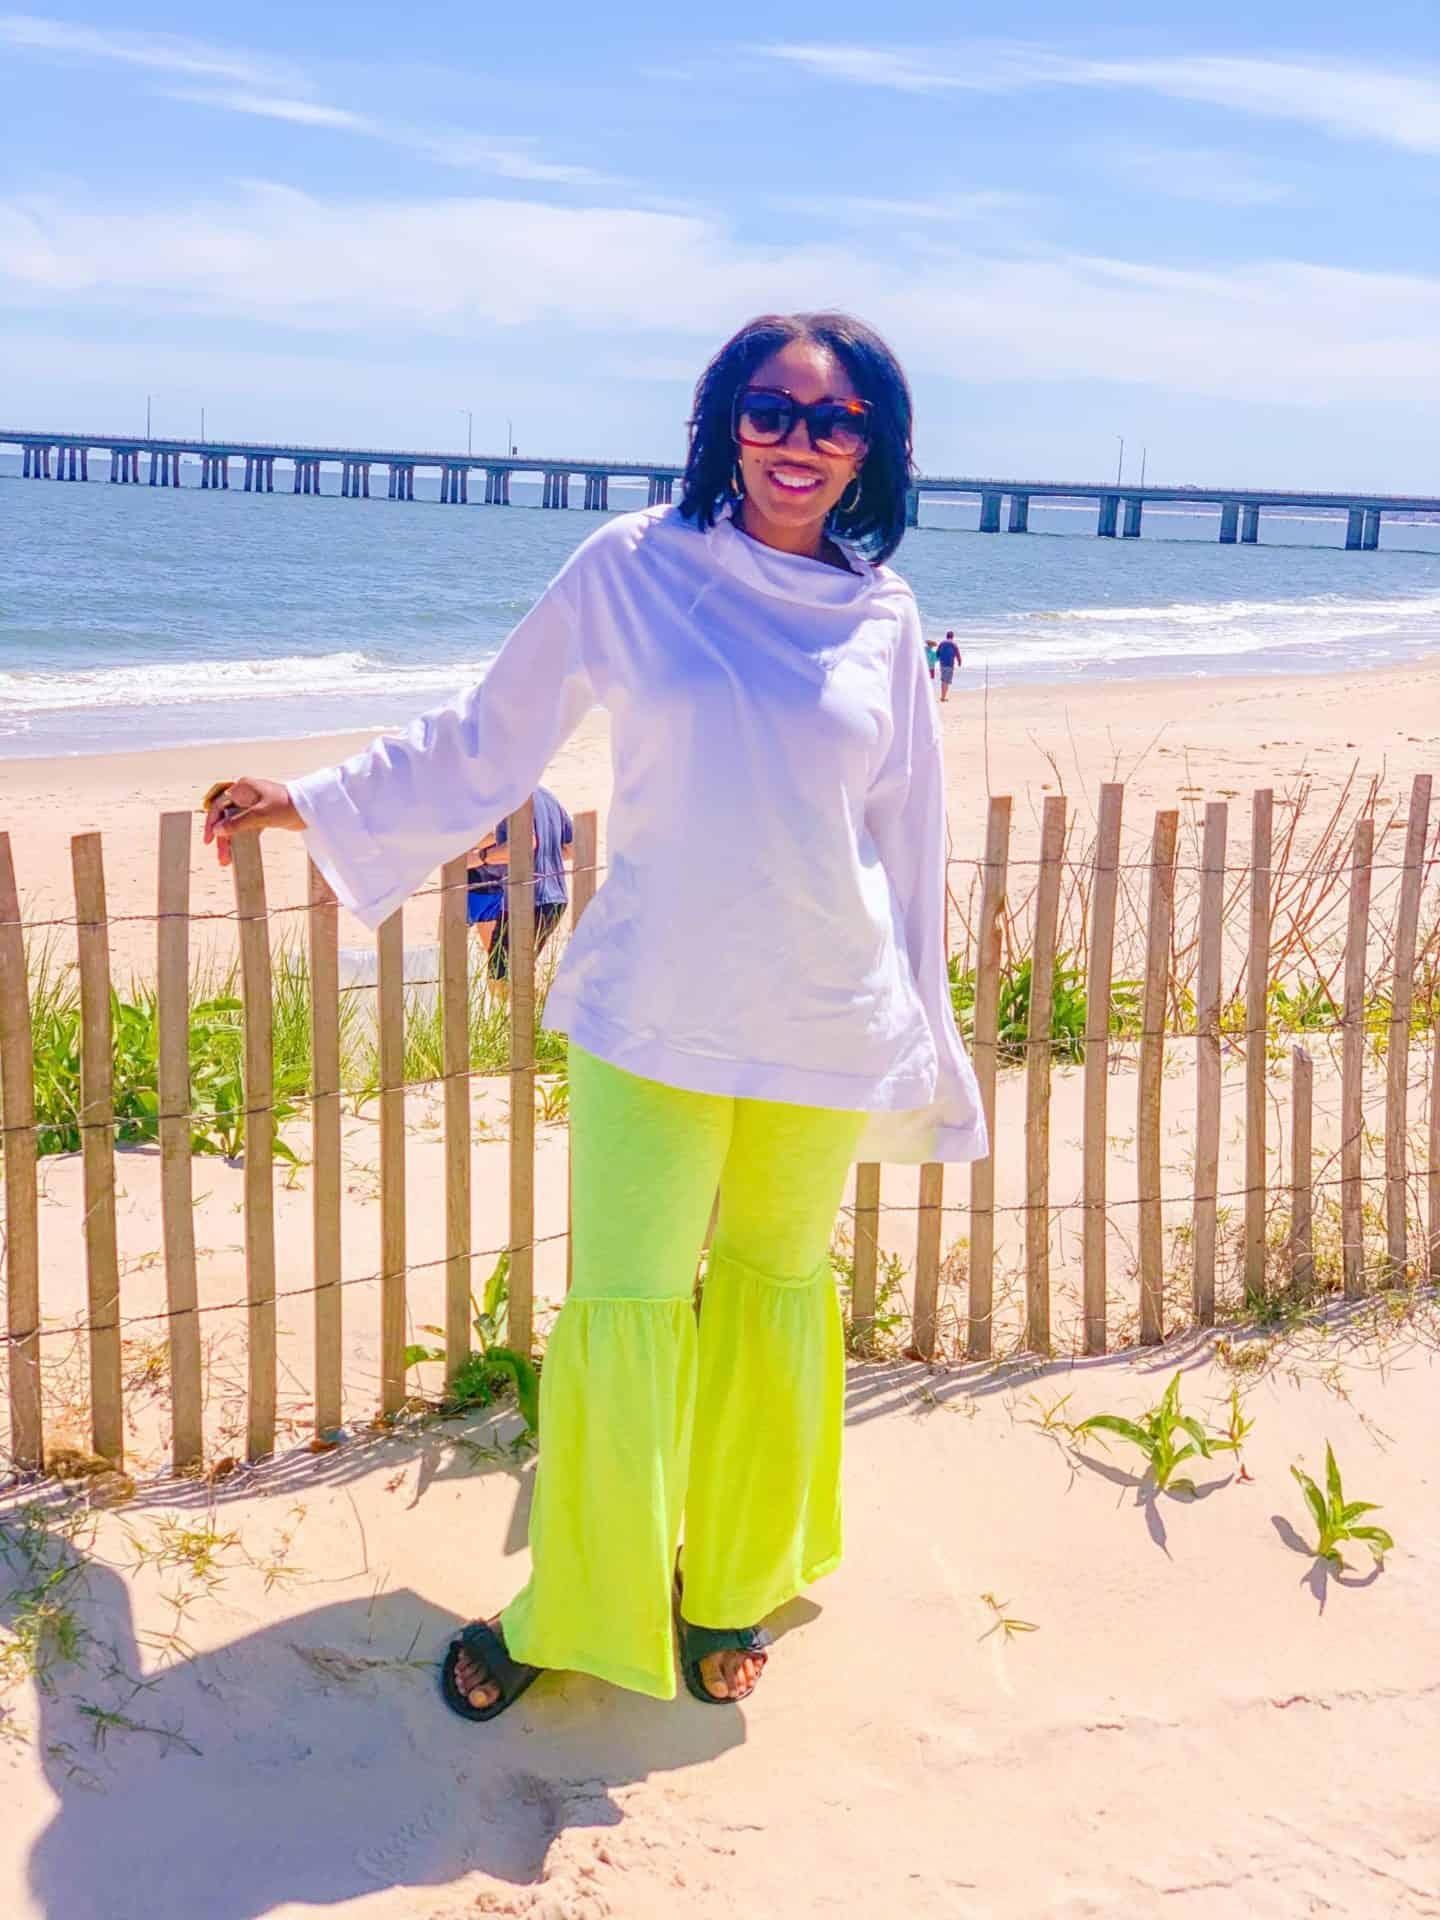 Chics Beach VA Beach VA